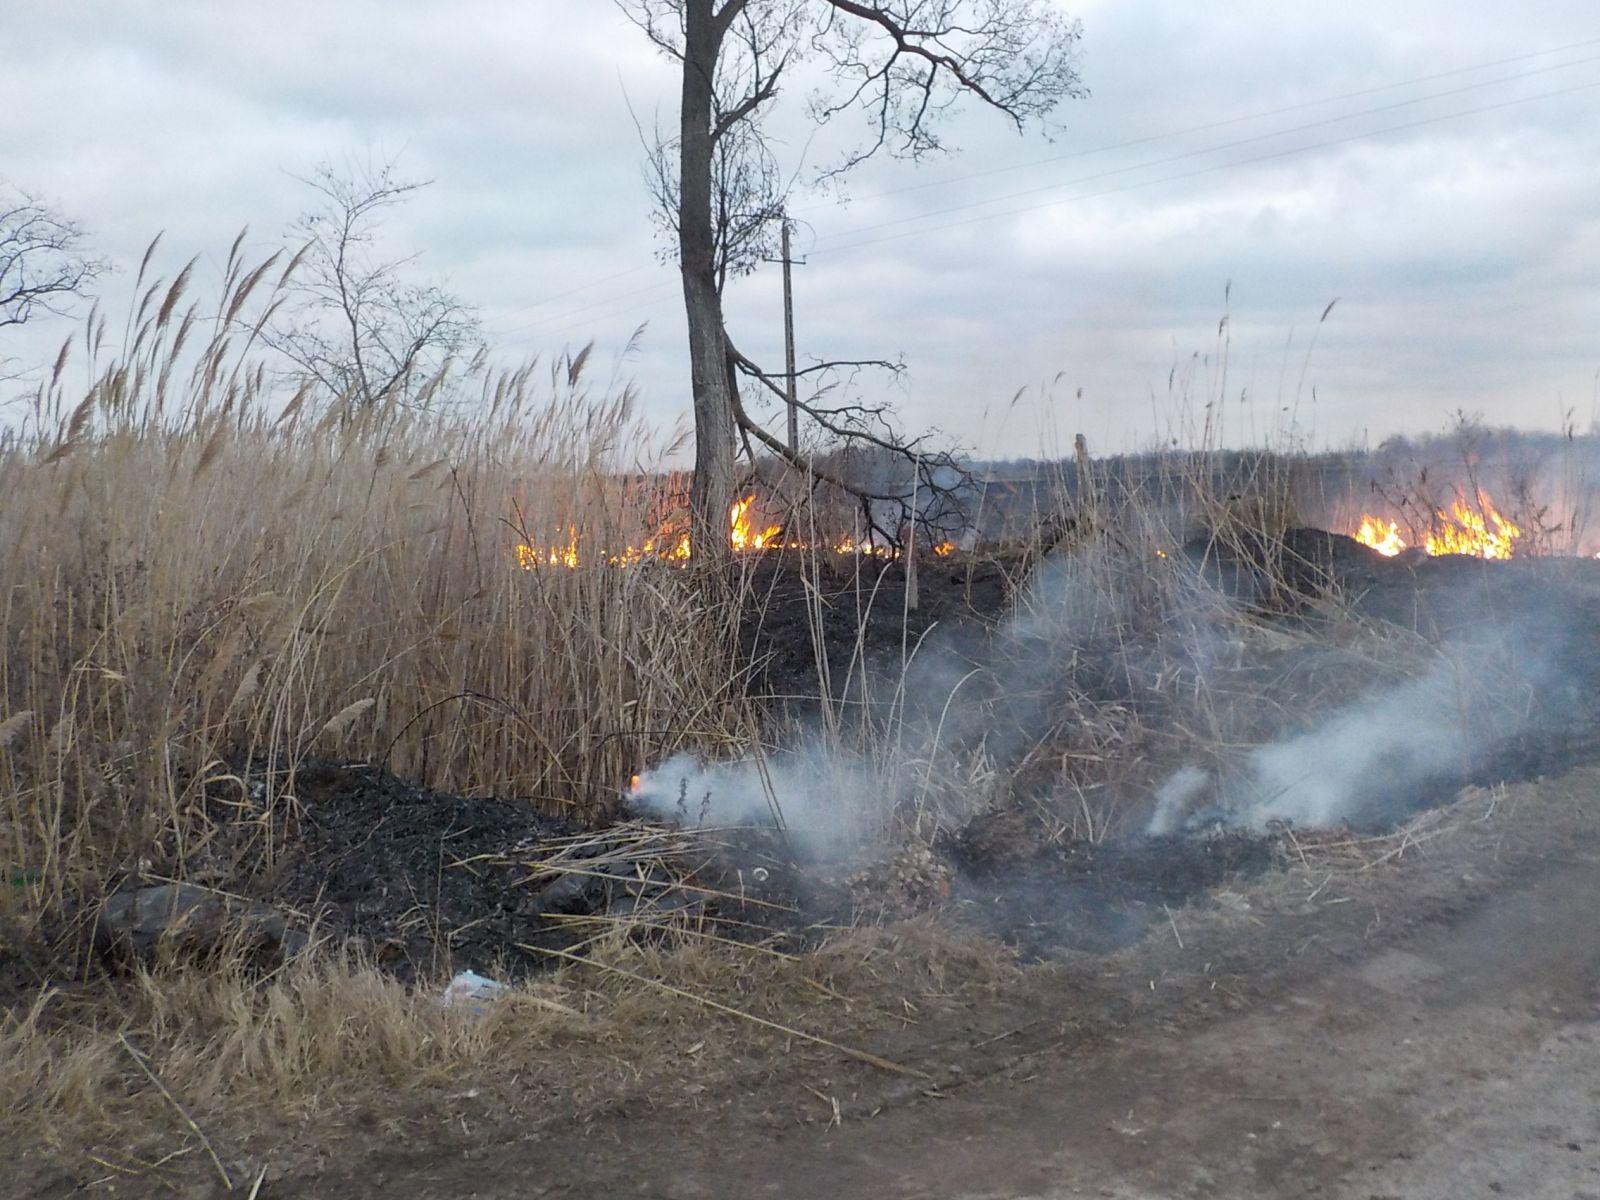 Kigyulladt és mintegy száz négyzetméteres területen égett a száraz nádas  hétfőn délután a 40-es út 26-os kilométerénél ecfe37b6c5